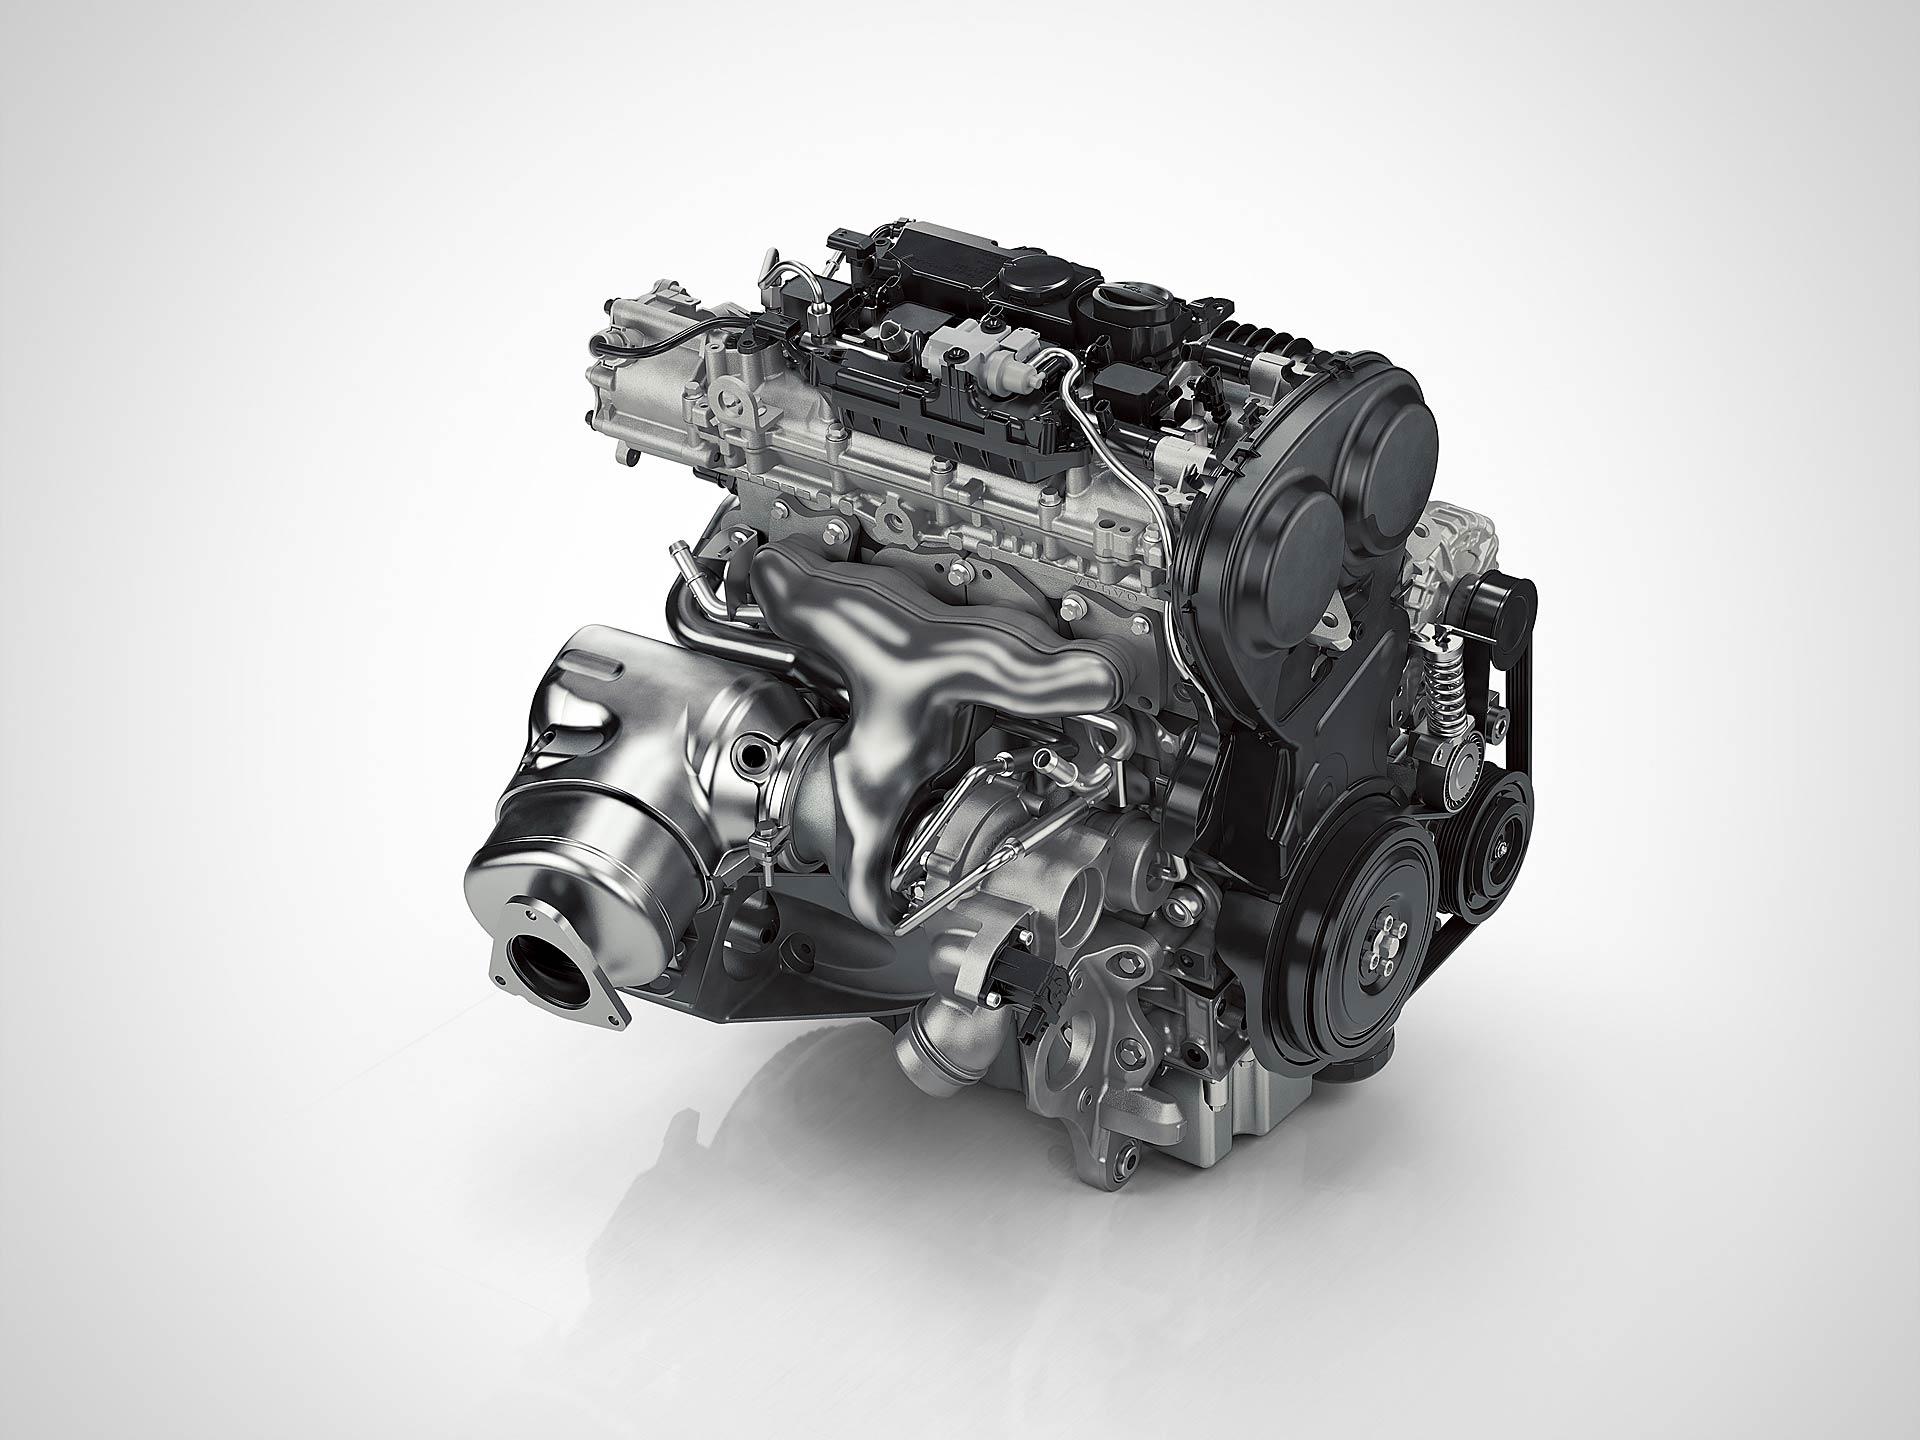 Motore volvo 4 cilindri con tecnologia Drive-E